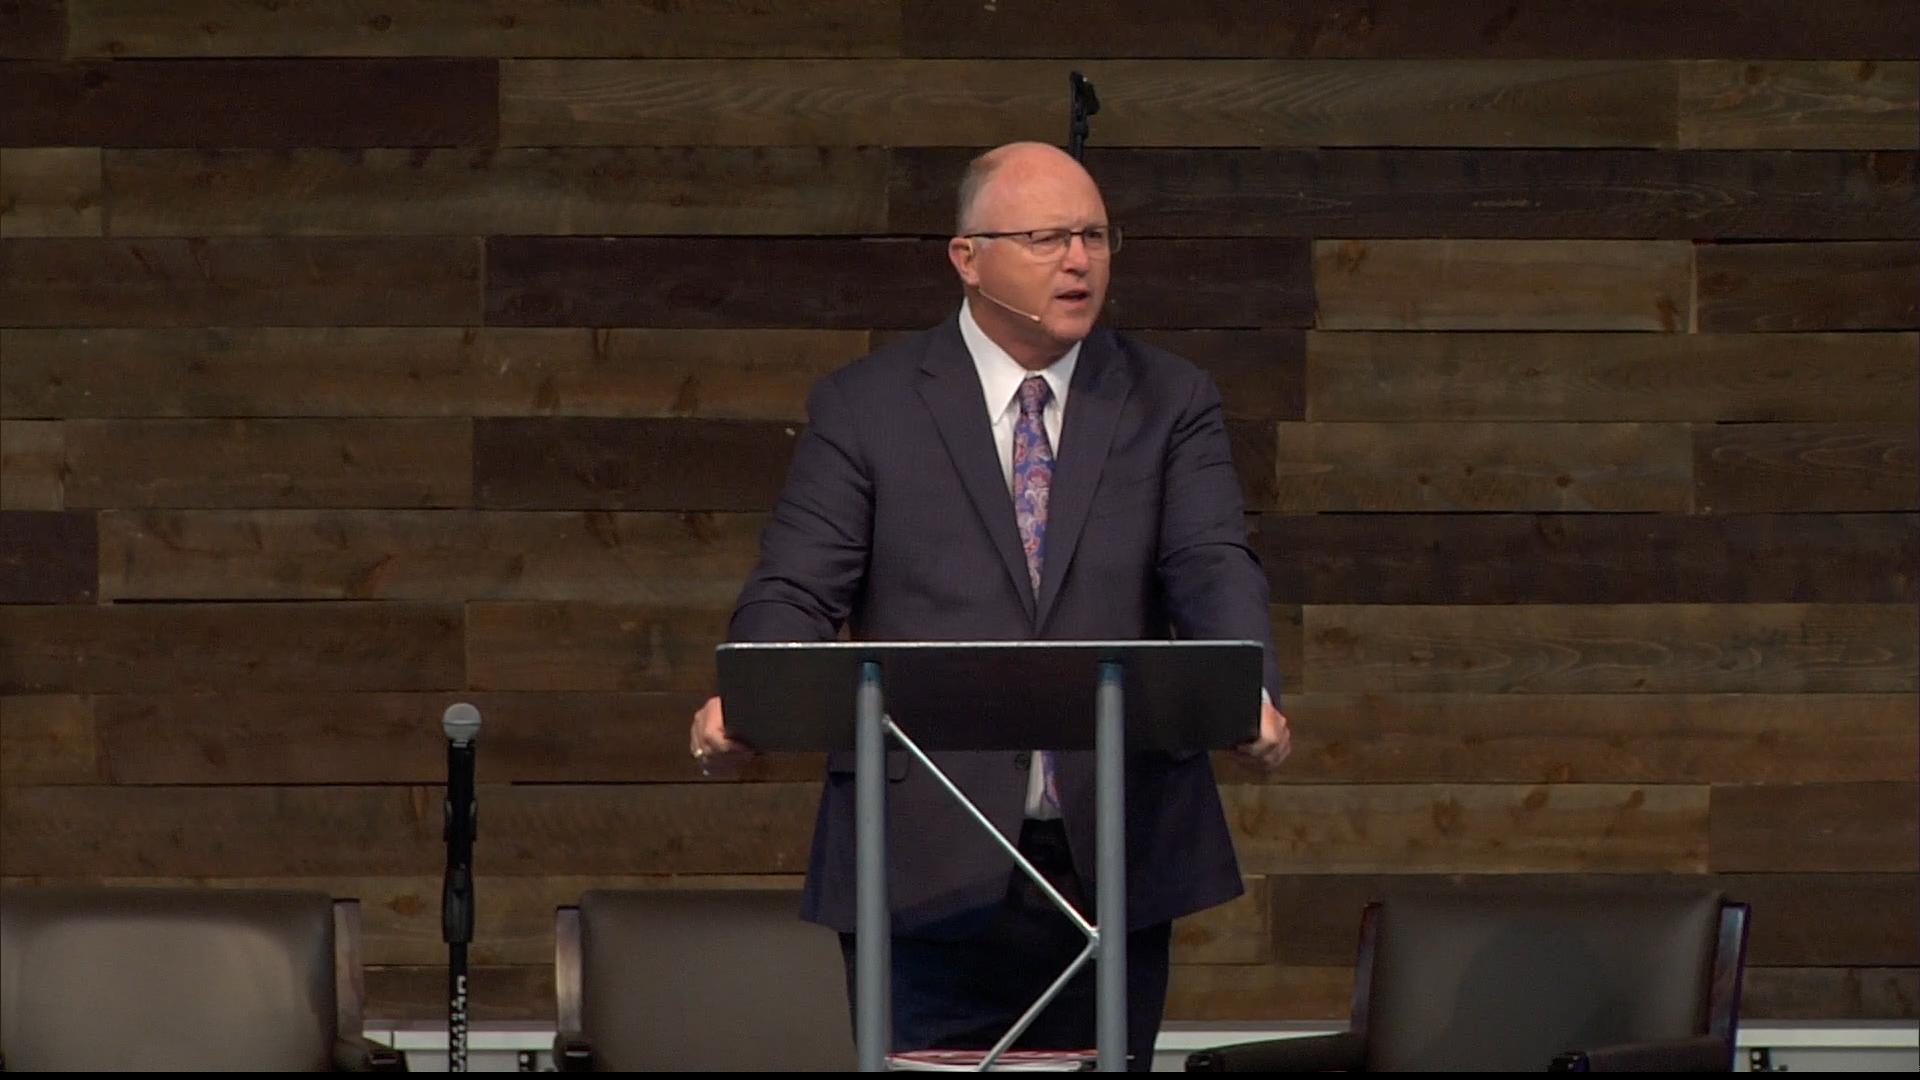 Pastor Paul Chappell: Suffer the Little Children